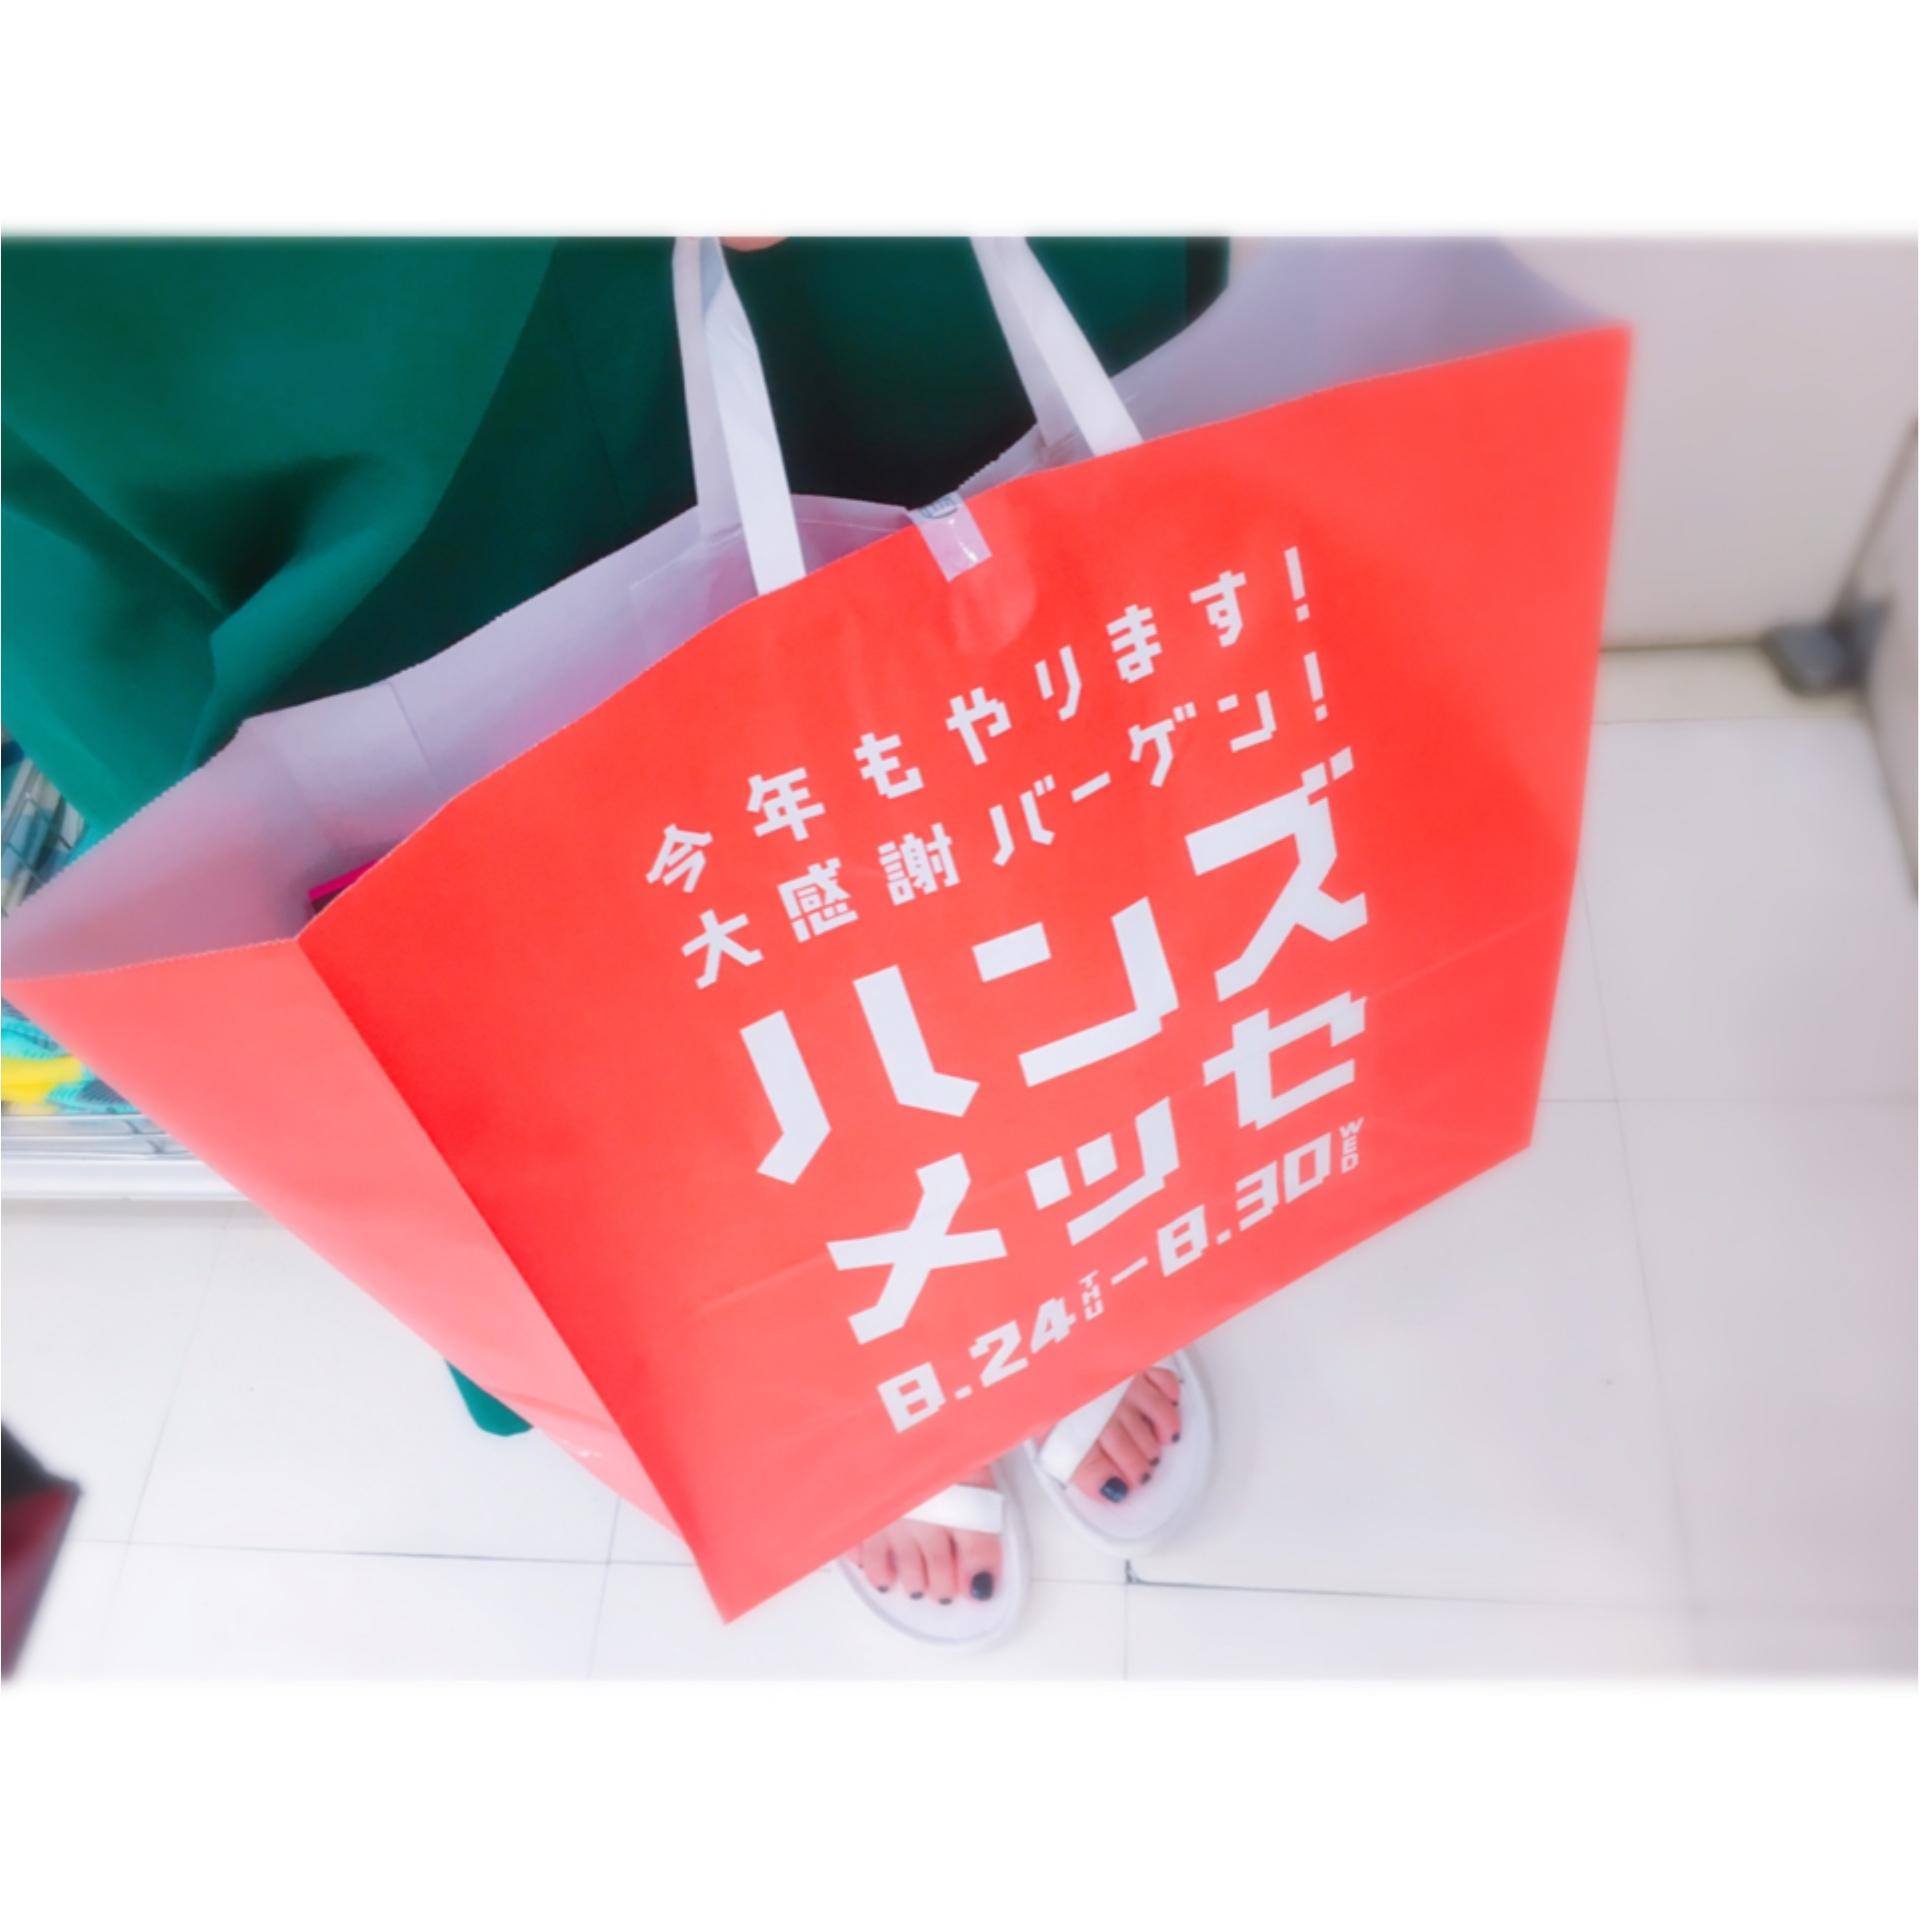 ▷【全国の東急ハンズにDASH!!】年に1度のハンズメッセ8/30まで開催中!!_5